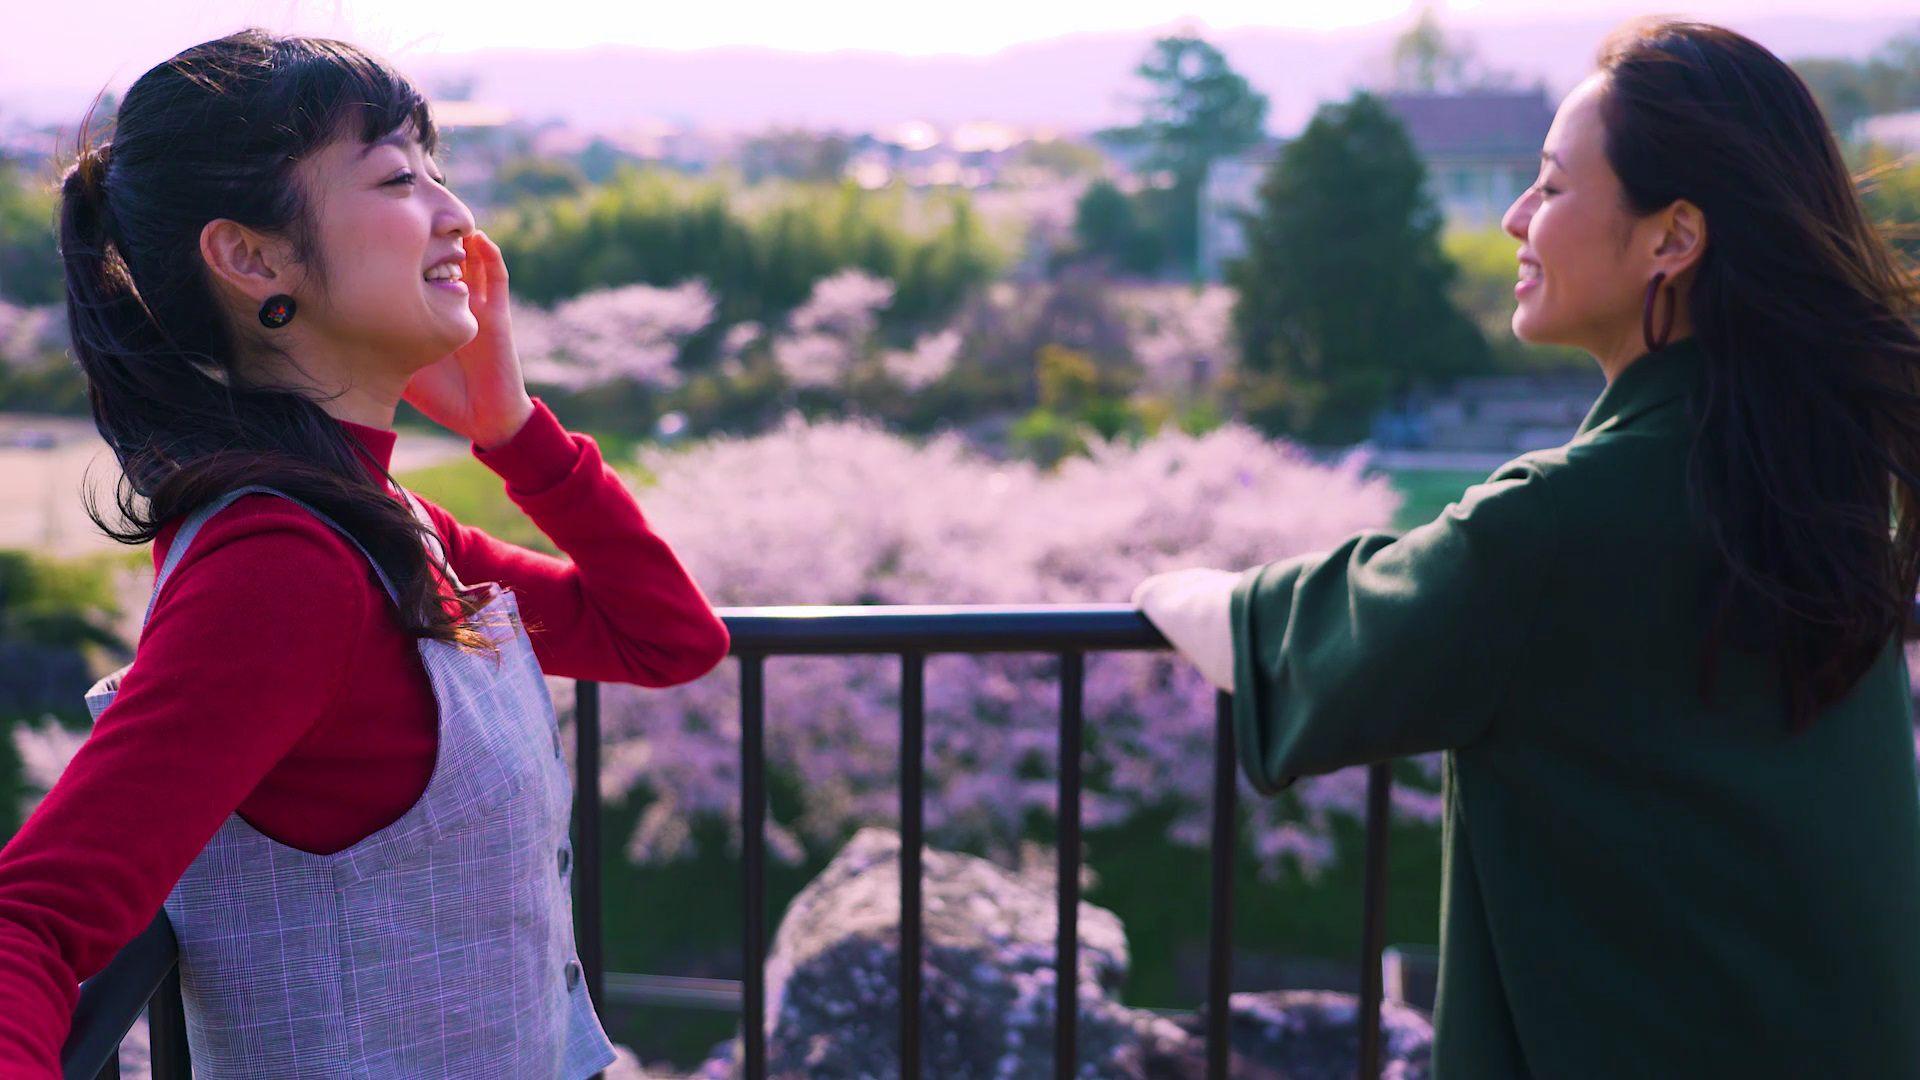 天守台展望施設から桜を見下ろし、気分爽快